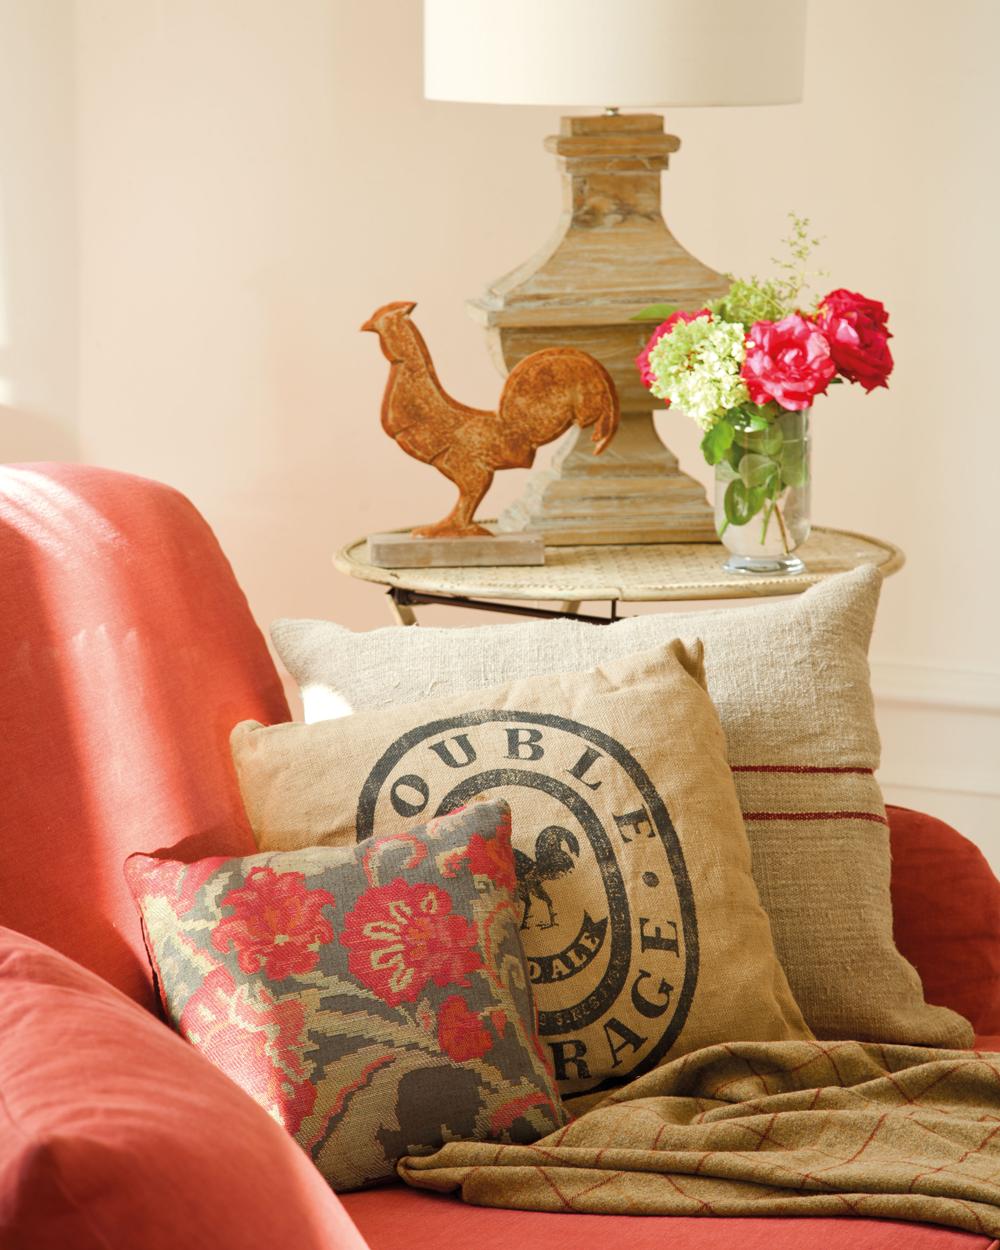 00351349. Butaca en rojo con cojines en tela de saco y estampado de flores rojos, mesita y flores rojas 00351349